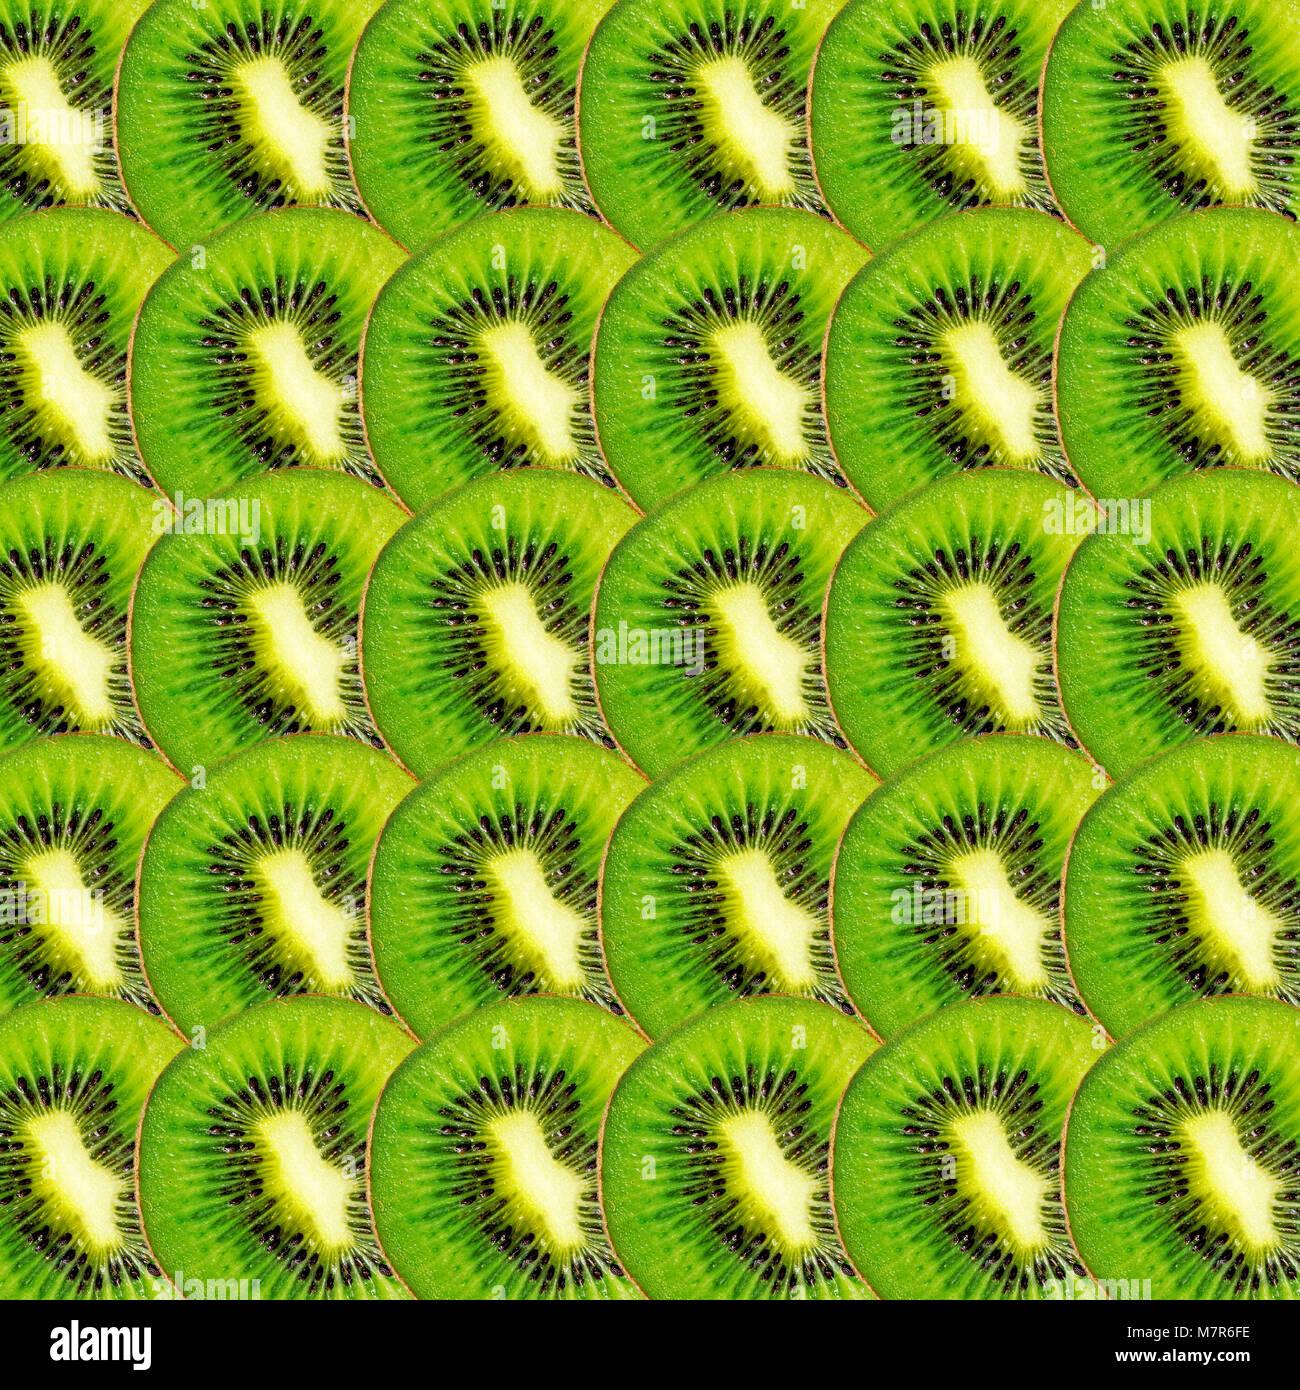 Grüne kiwi Scheiben Textur, Real Photo essen Hintergrund Stockfoto